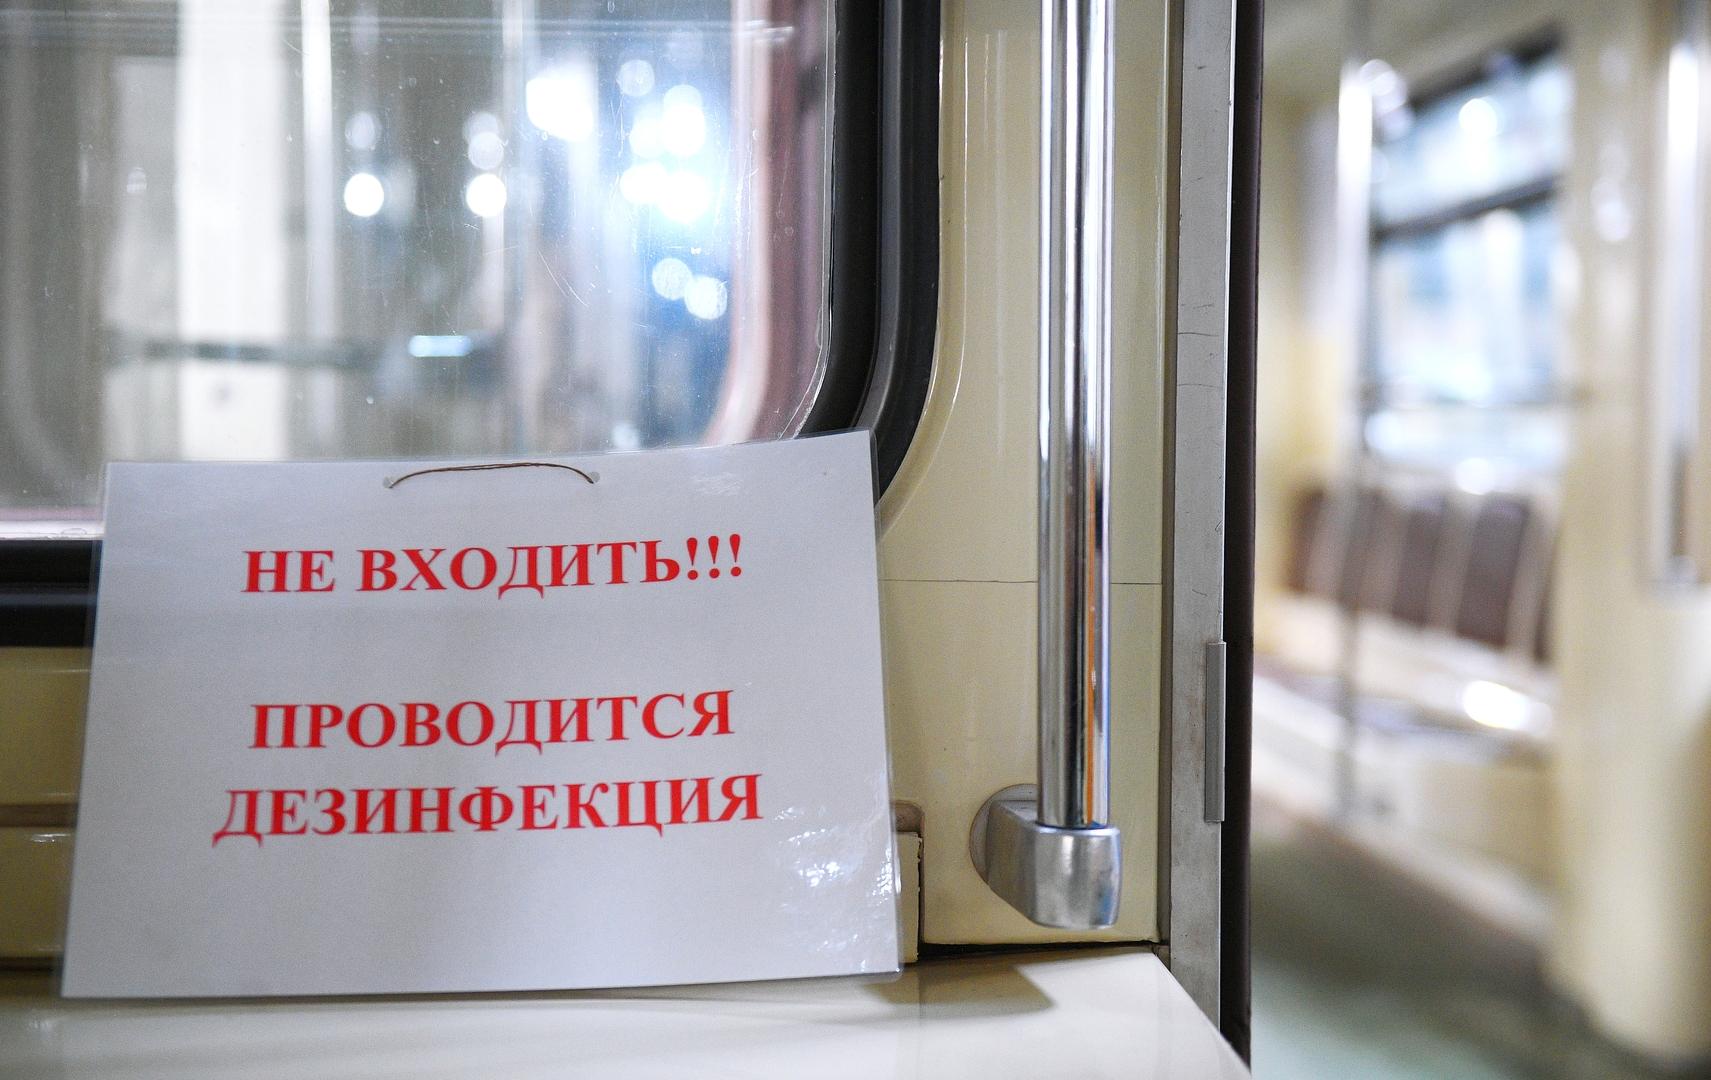 Ankündigung während der Desinfektion von Moskauer U-Bahnwagen im Elektrodepot Krasnaja Presnja, um die Ausbreitung des Coronavirus zu verhindern.